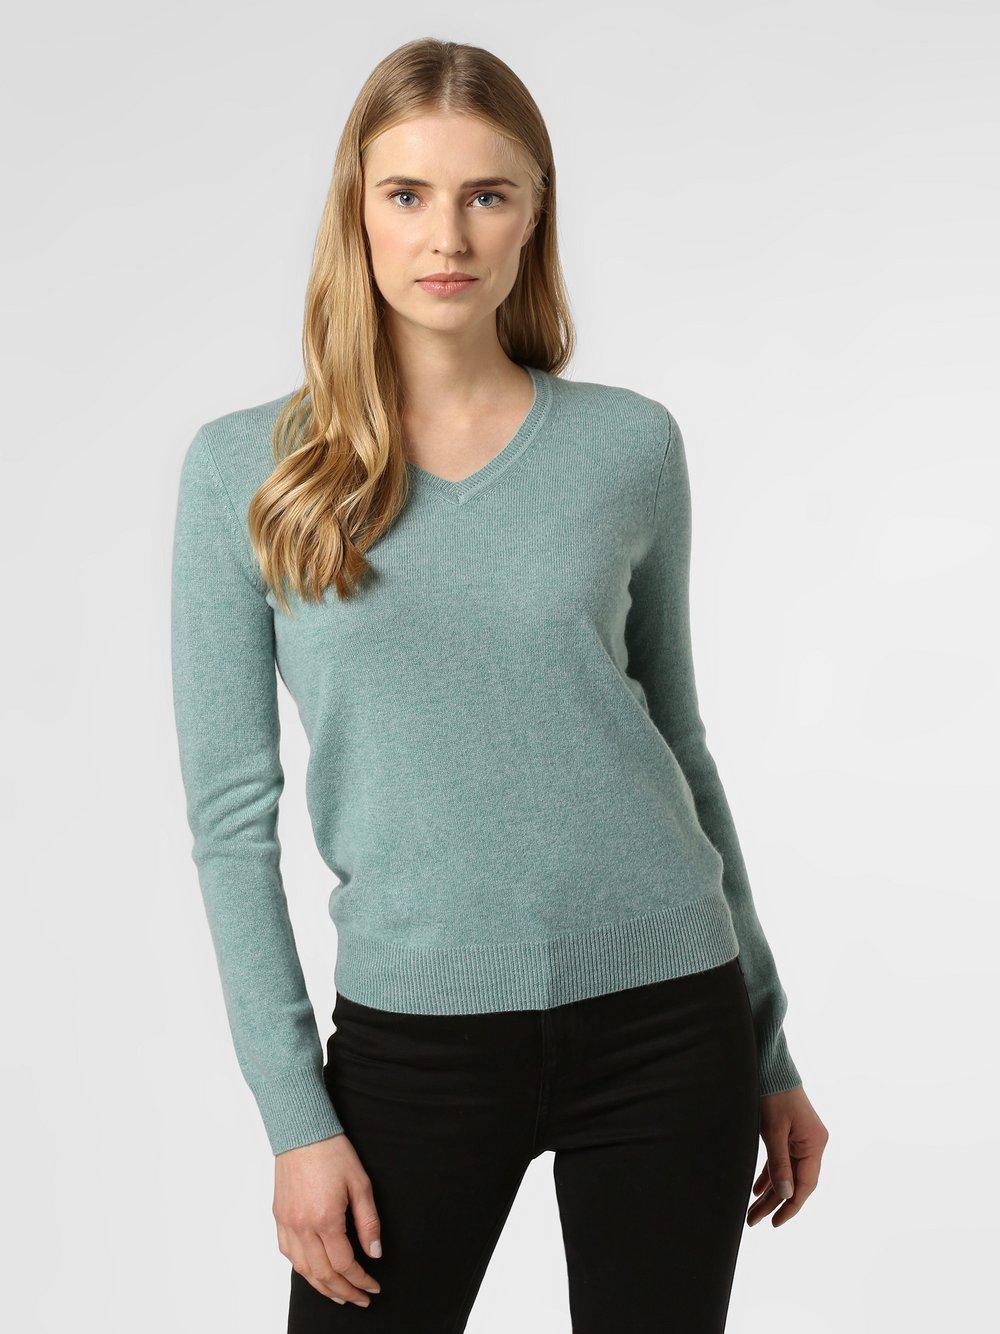 Franco Callegari - Sweter damski z czystego kaszmiru, niebieski